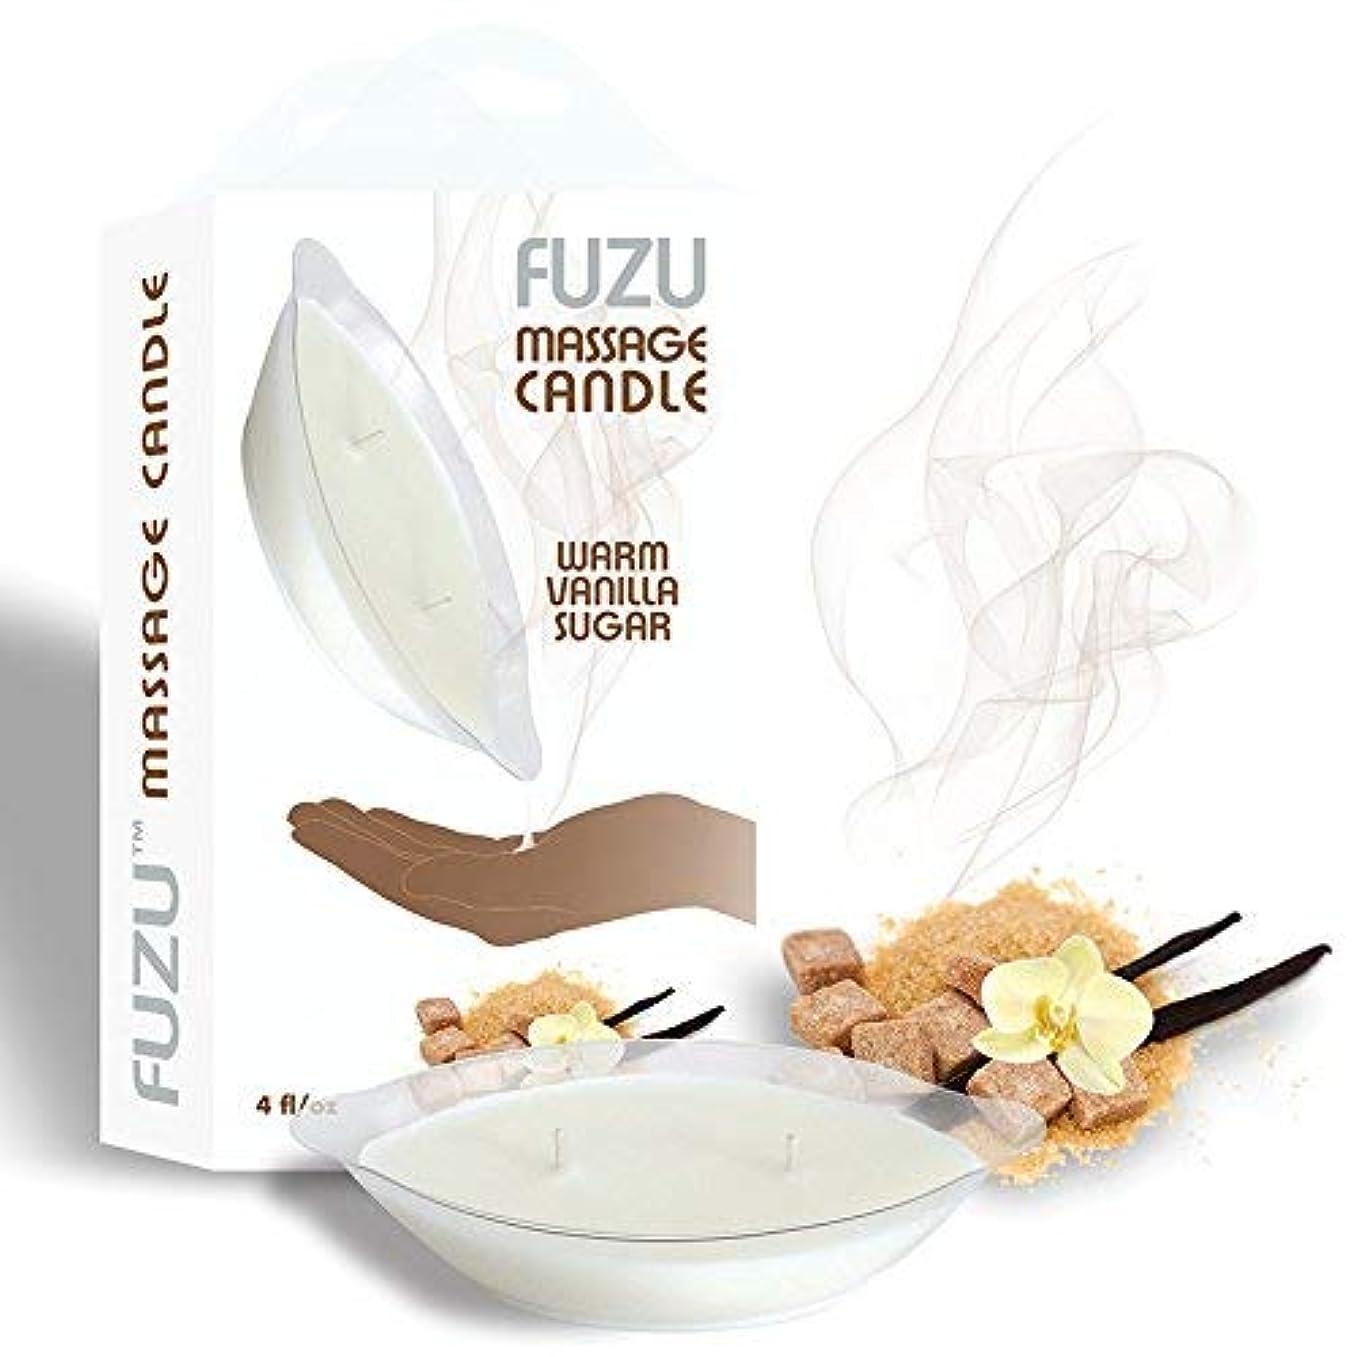 蚊削除する排泄物Fuzu MCDL-Vani Massage Candle Warm 4 Oz Vanilla Sugar [並行輸入品]